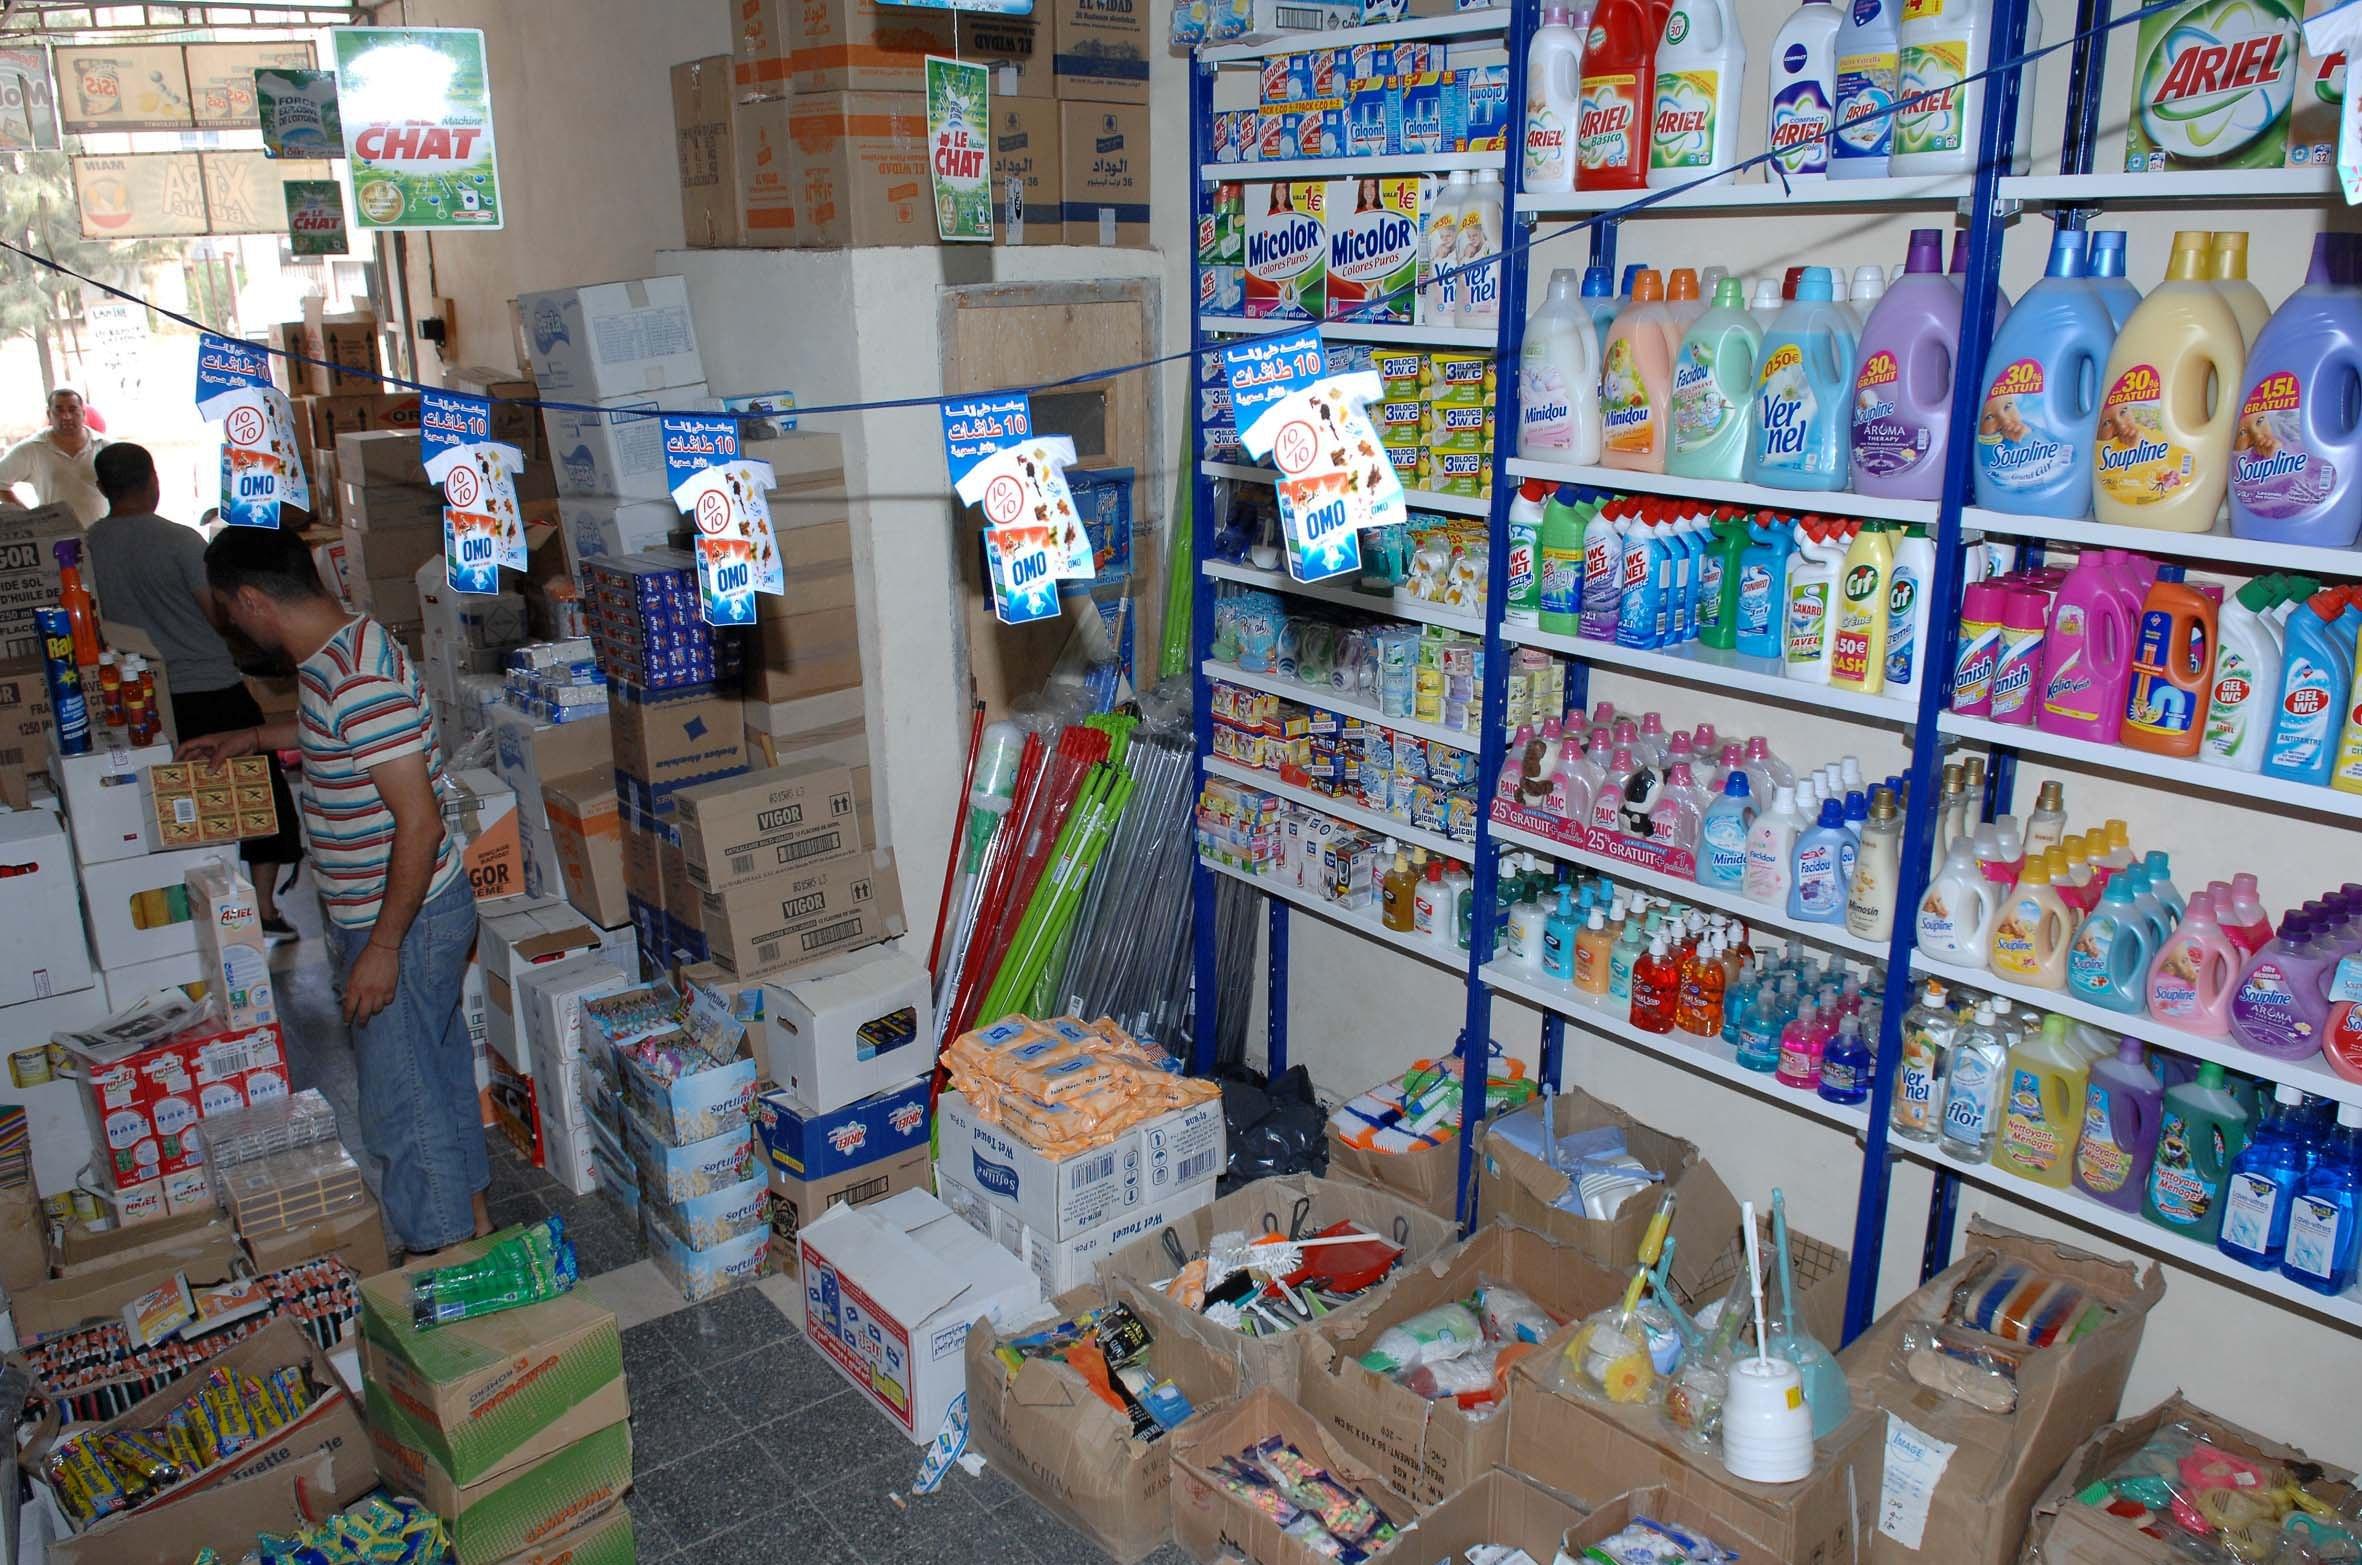 Beaucoup de produits fabriqués localement sont contrefaits. New Press